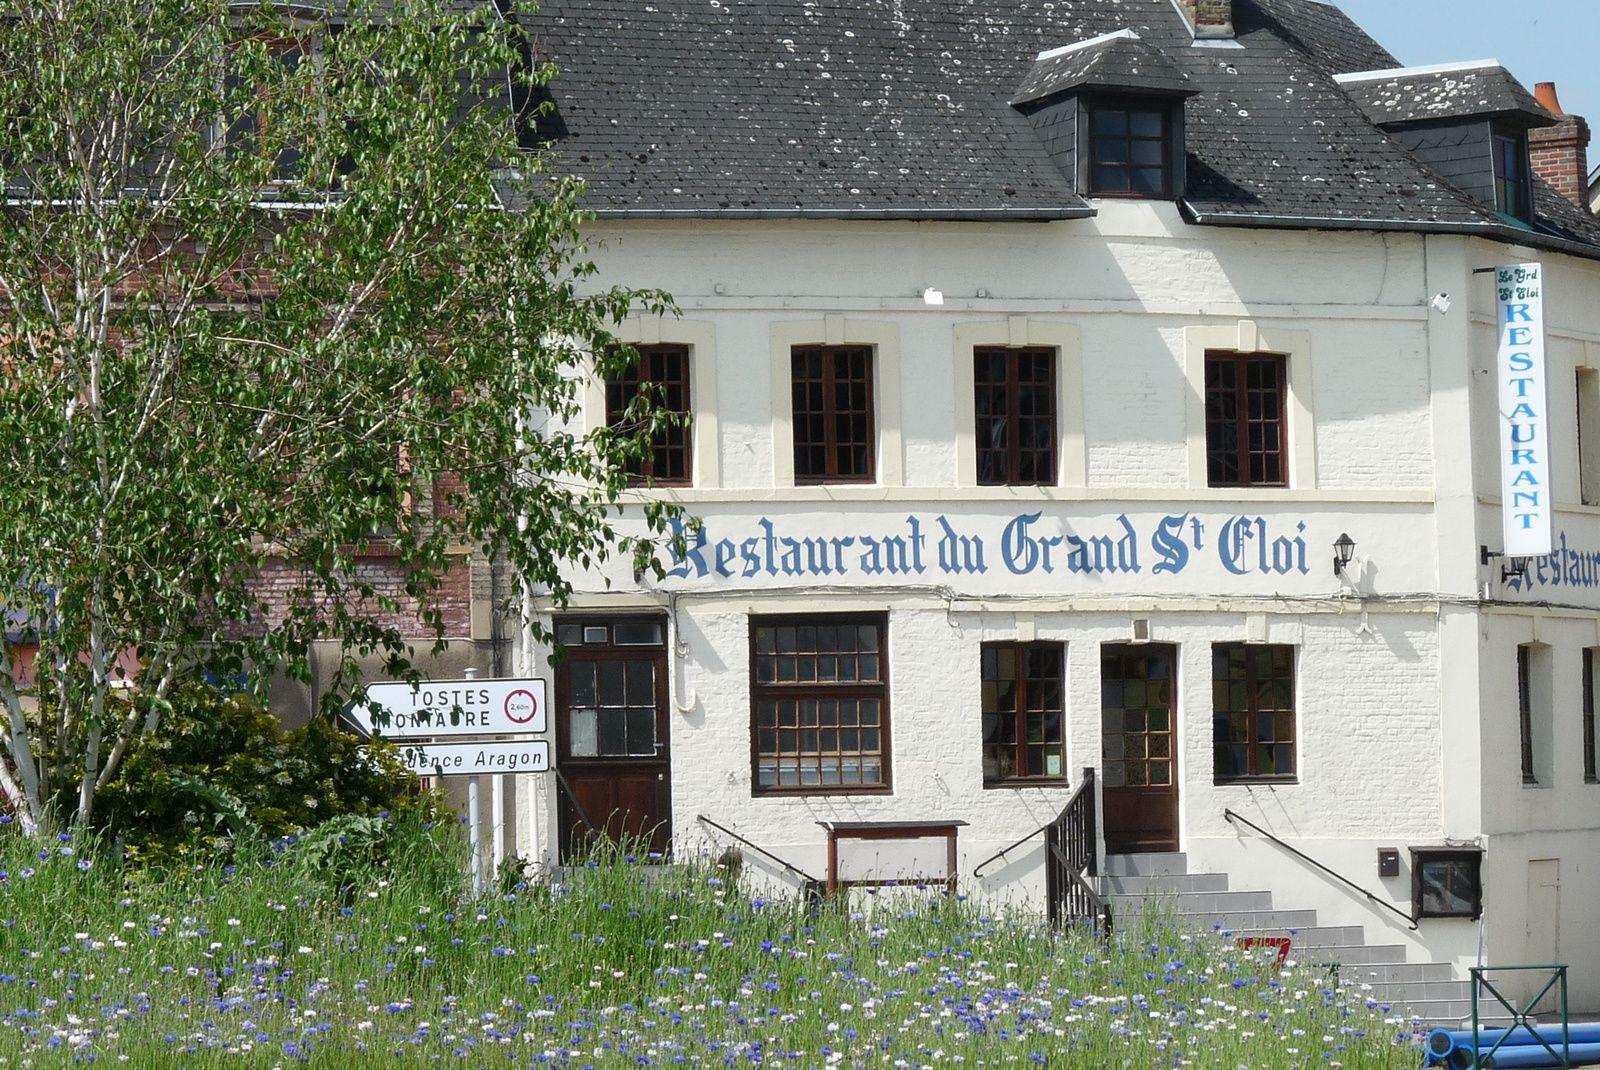 Au grand Saint-Eloi en 2013 avant les travaux de la place Aristide-Briand (cliché Armand Launay).